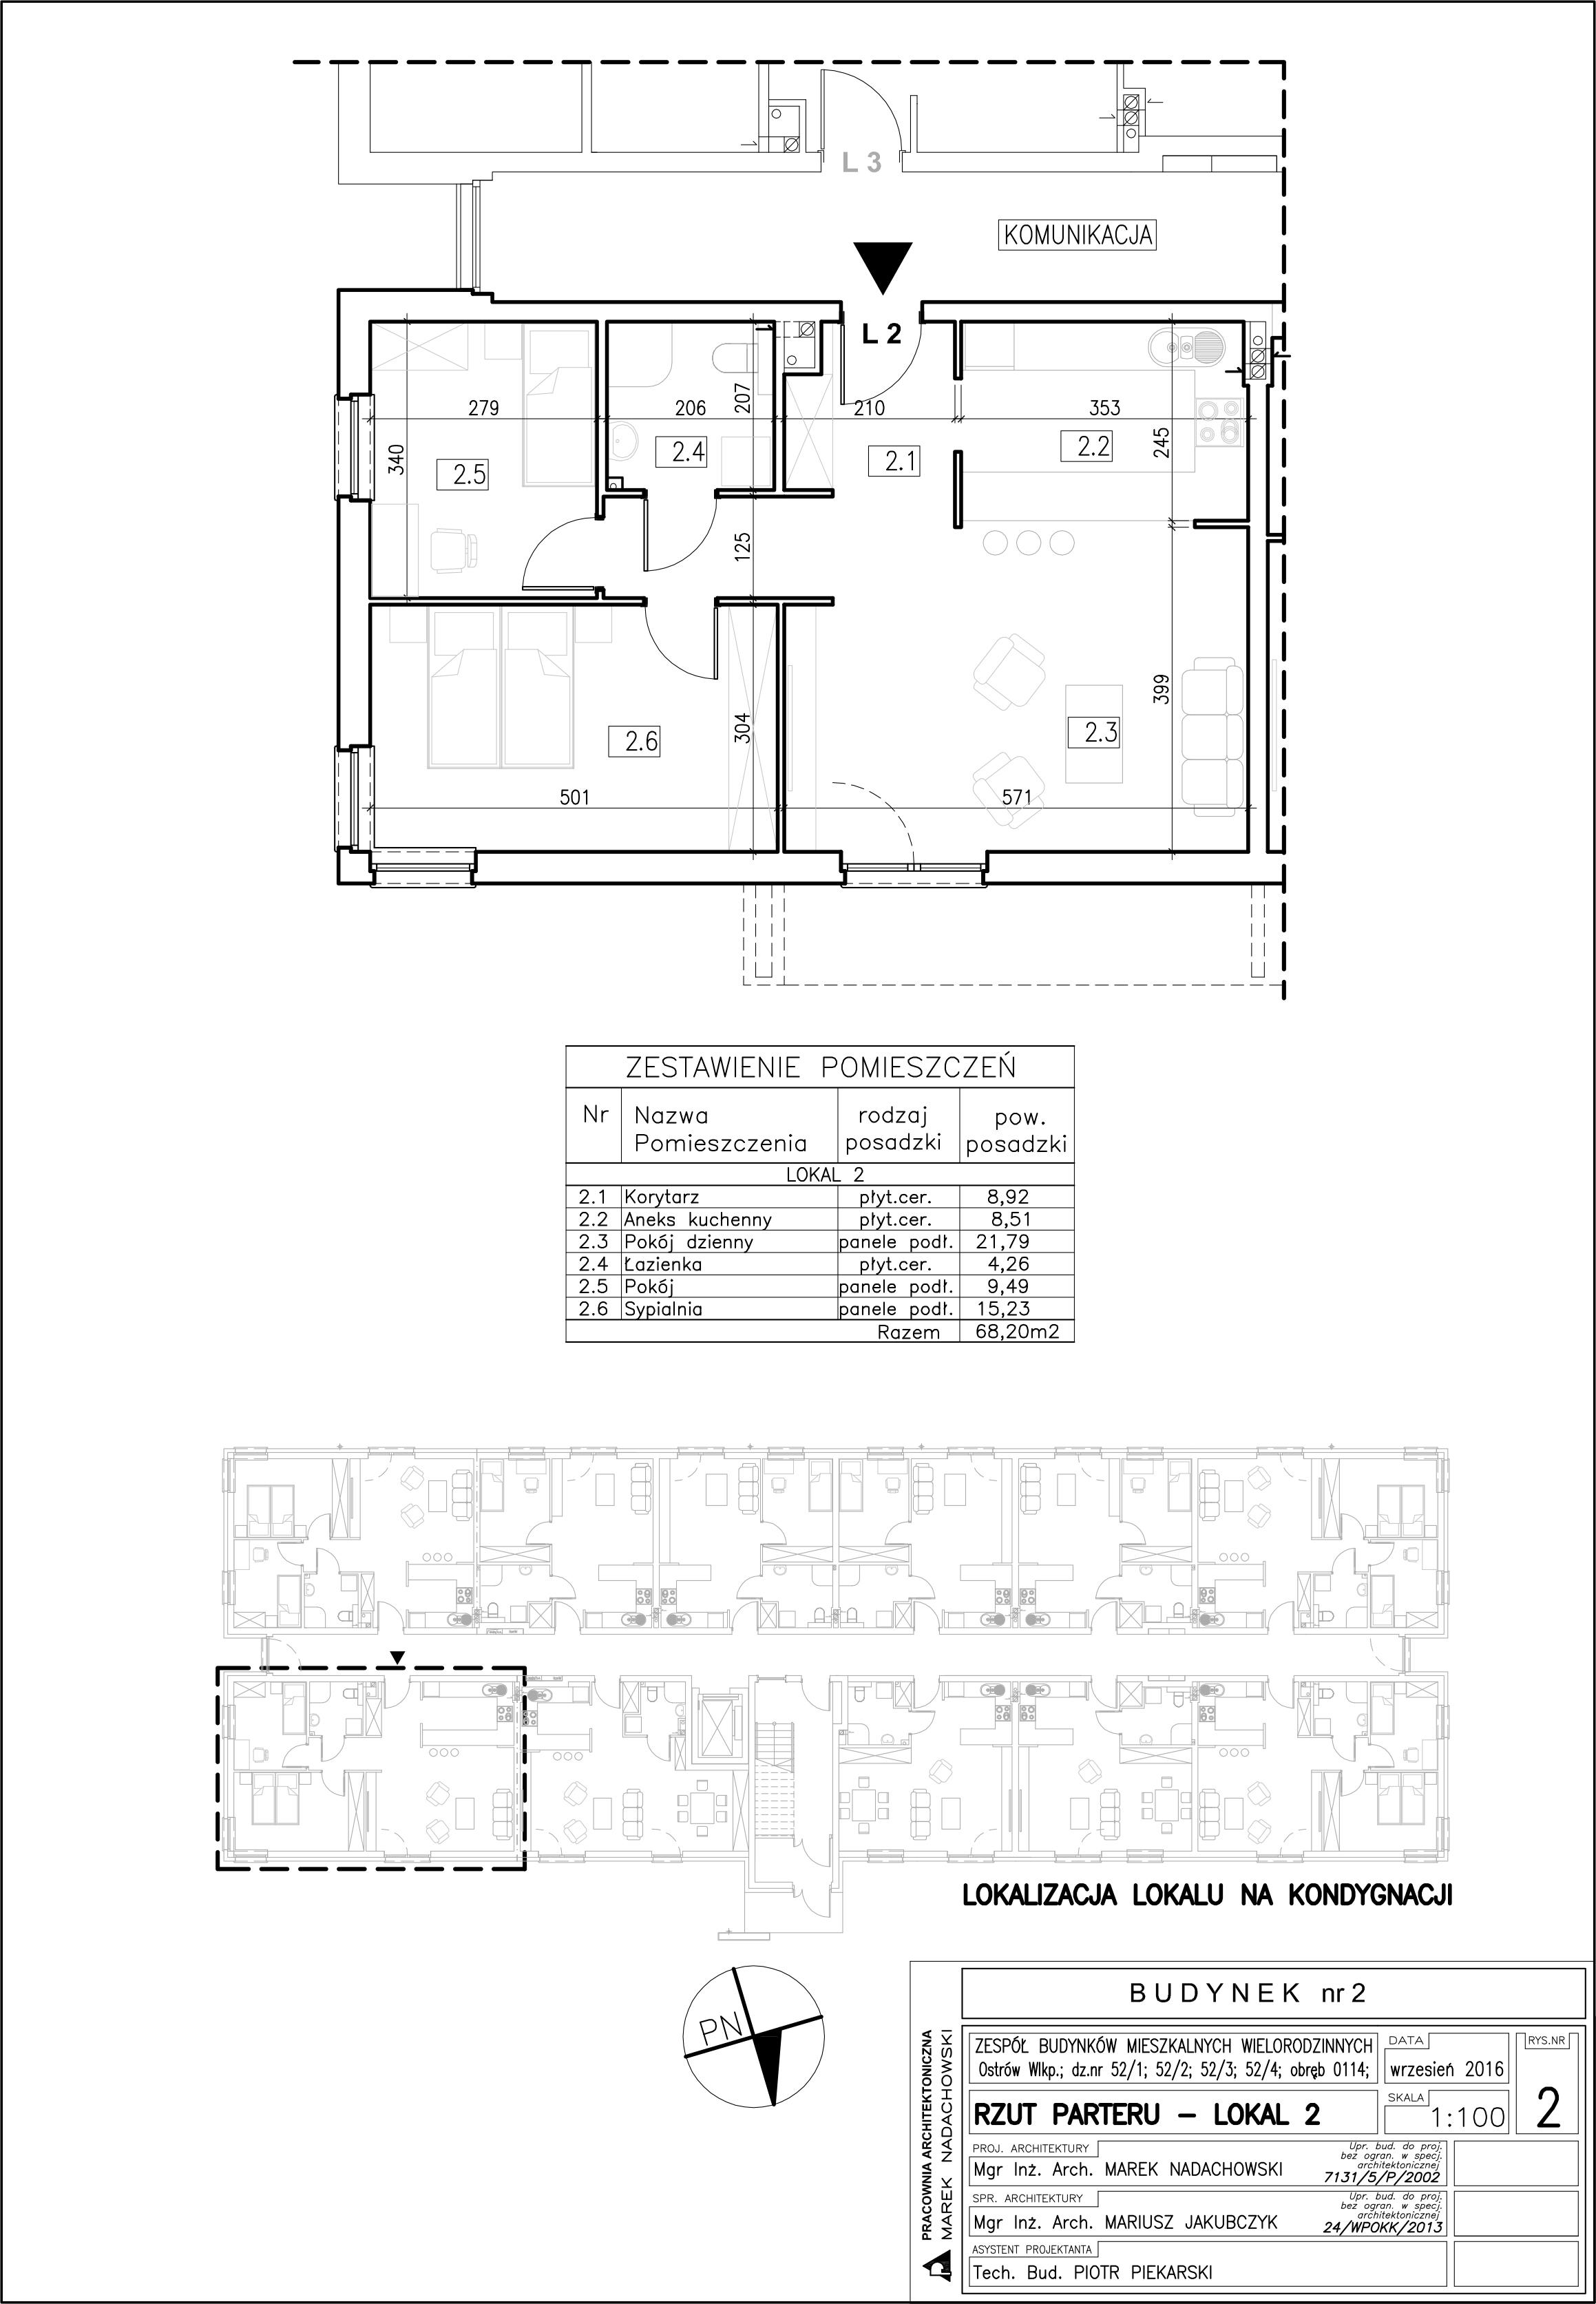 Lokal nr 2 Powierzchnia: 68,20 m2